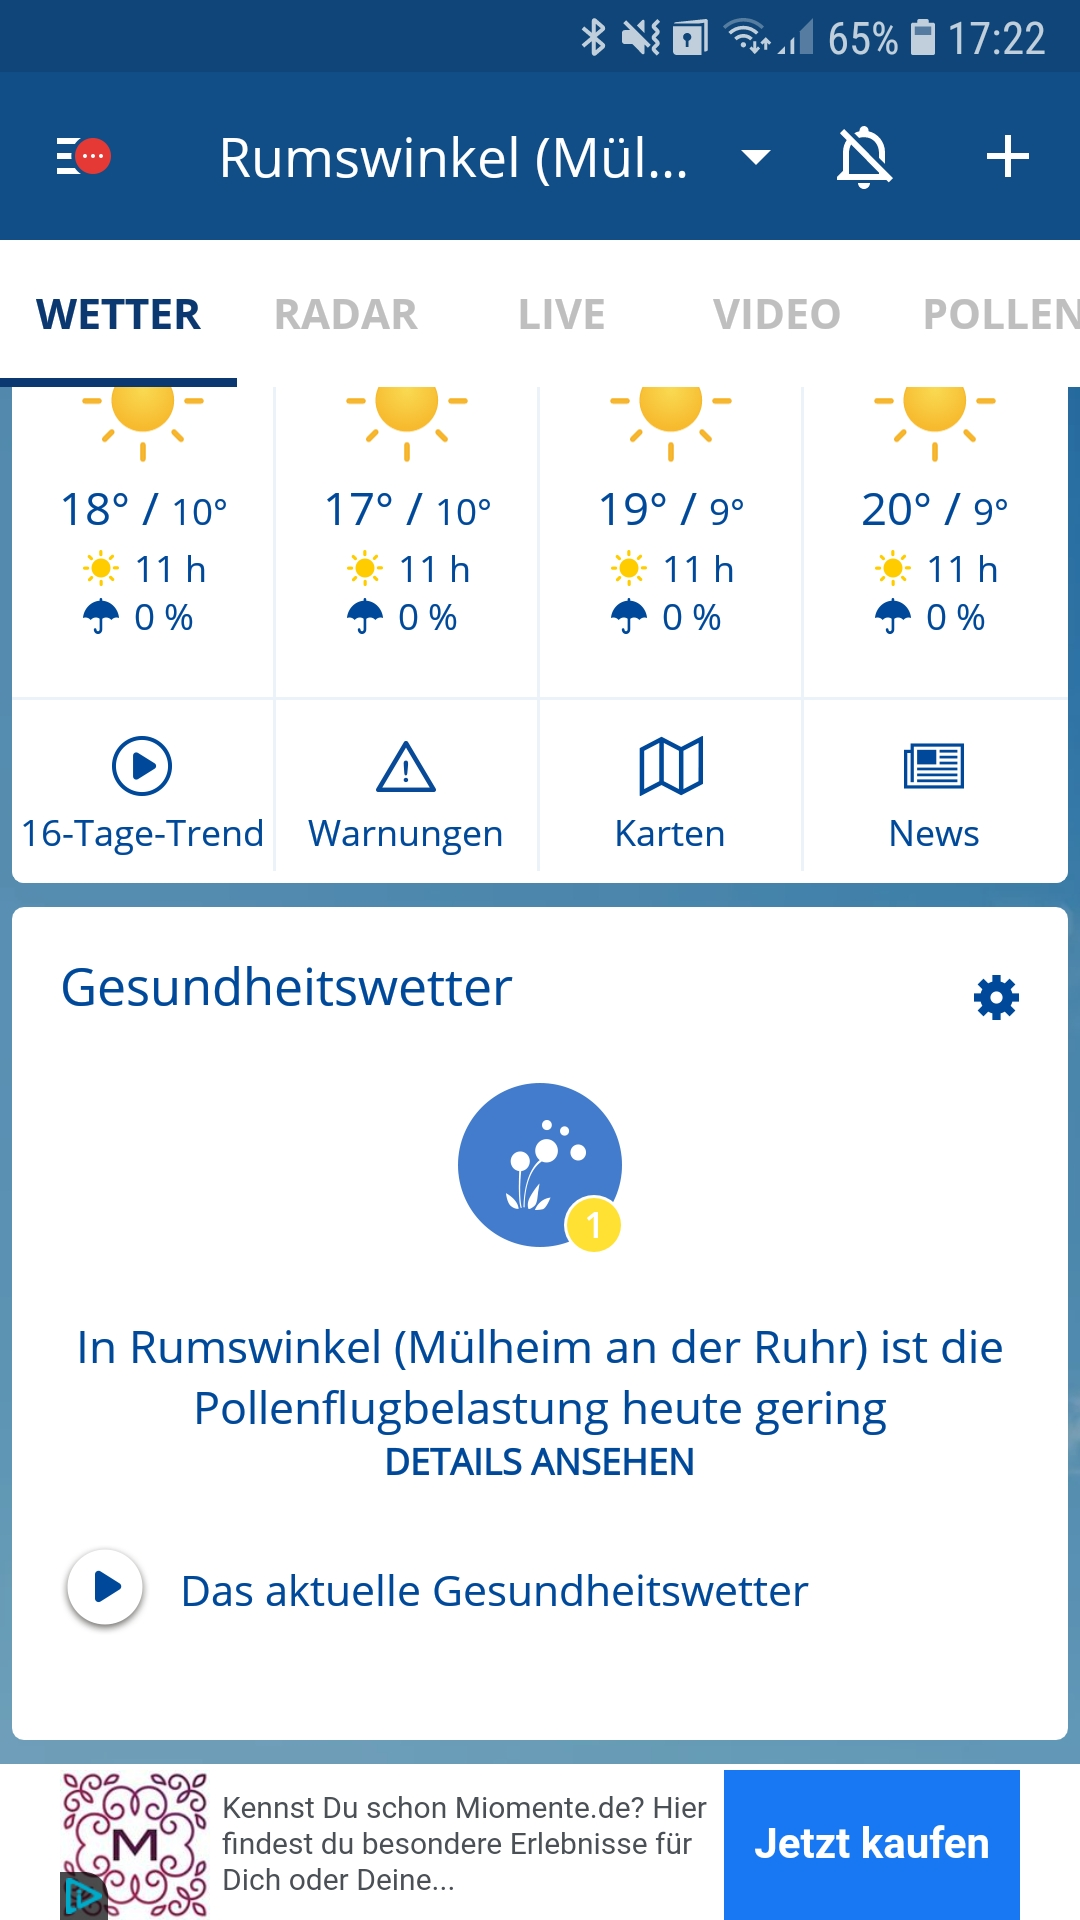 Wetter.Com Mülheim